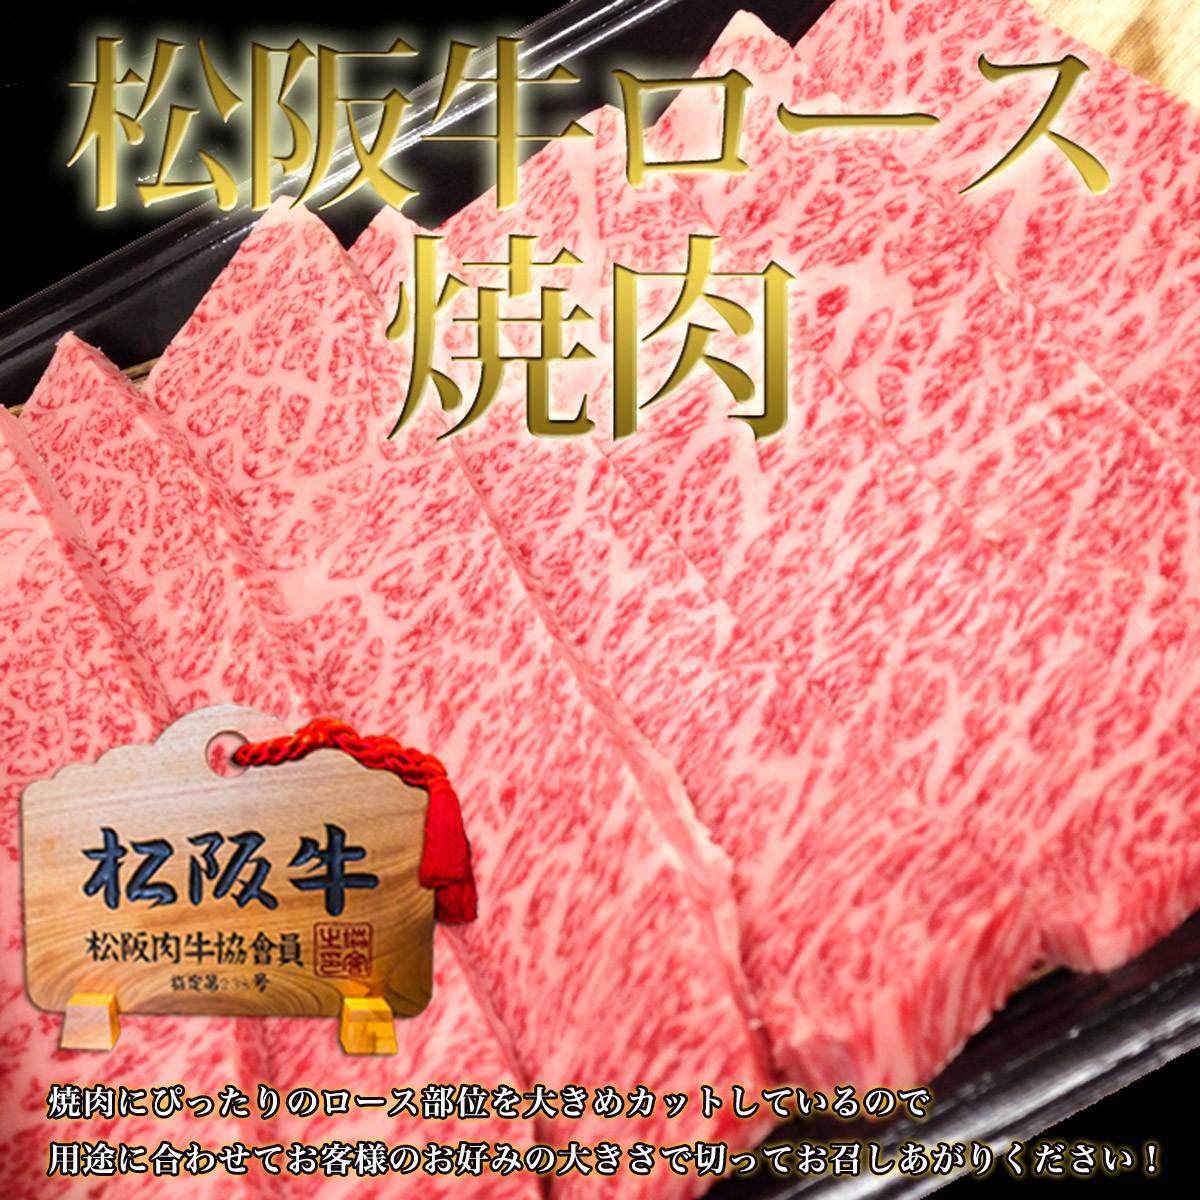 ロース焼肉+特選